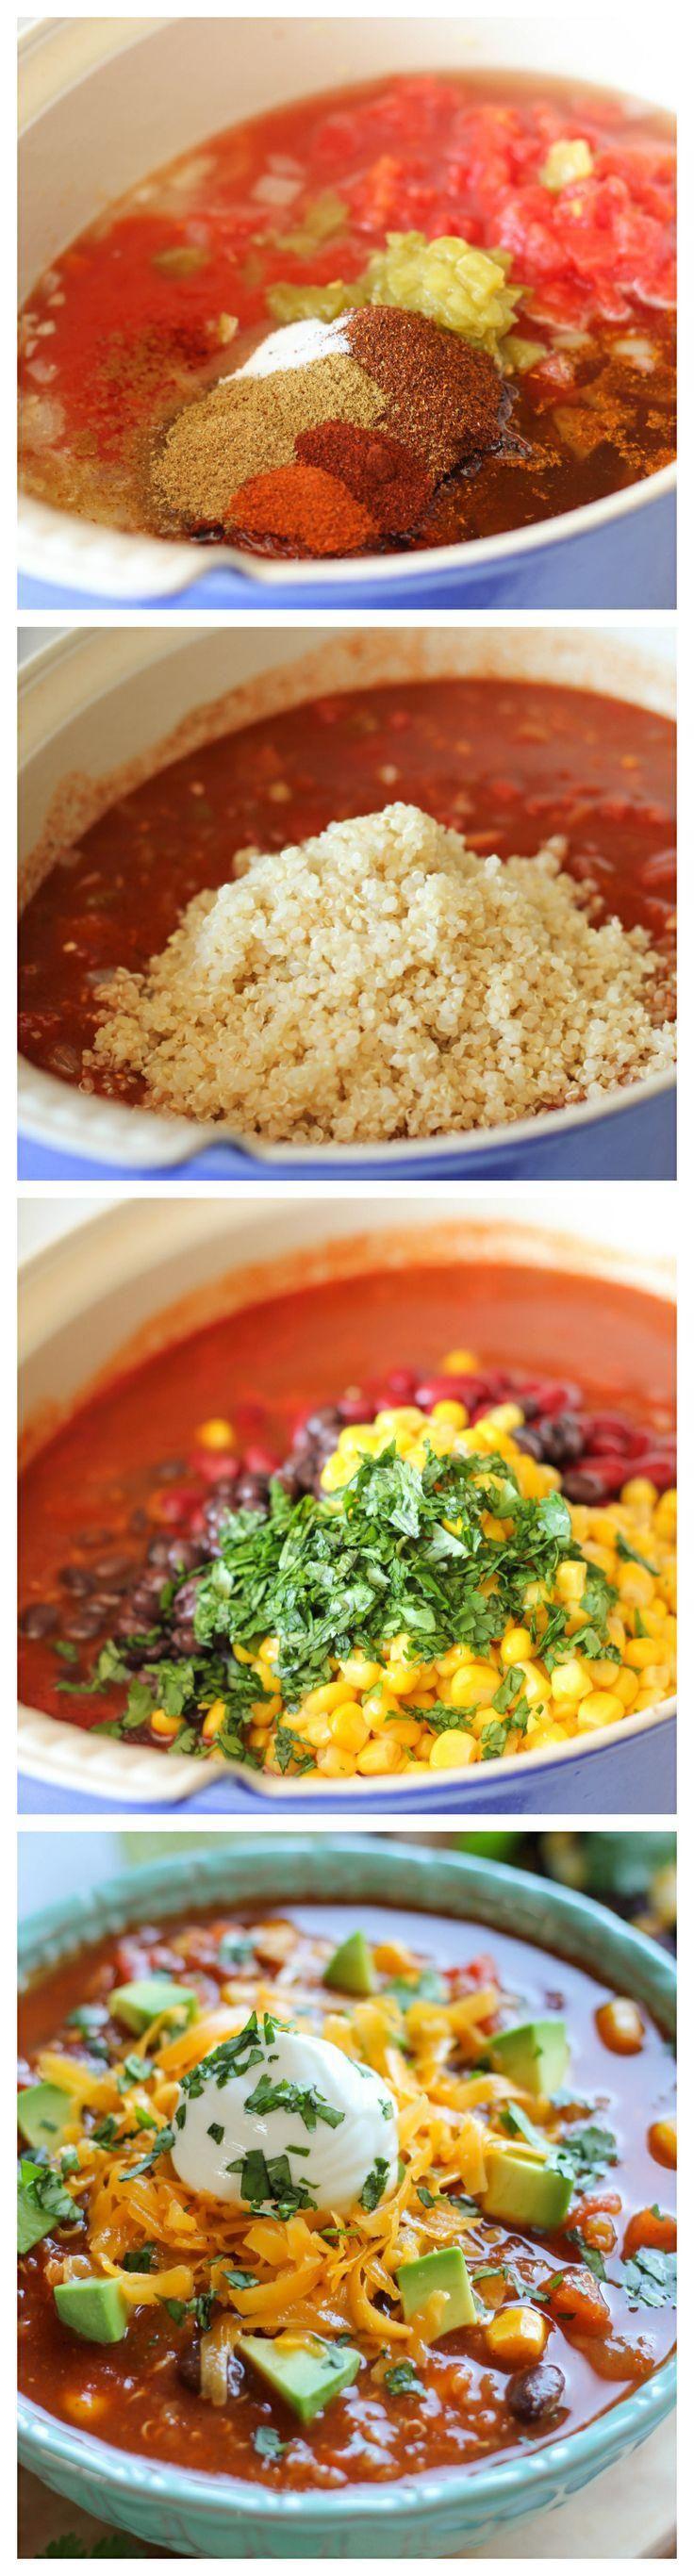 QUINOA CHILI - Love with recipe  #vegan #restaurant #reviews